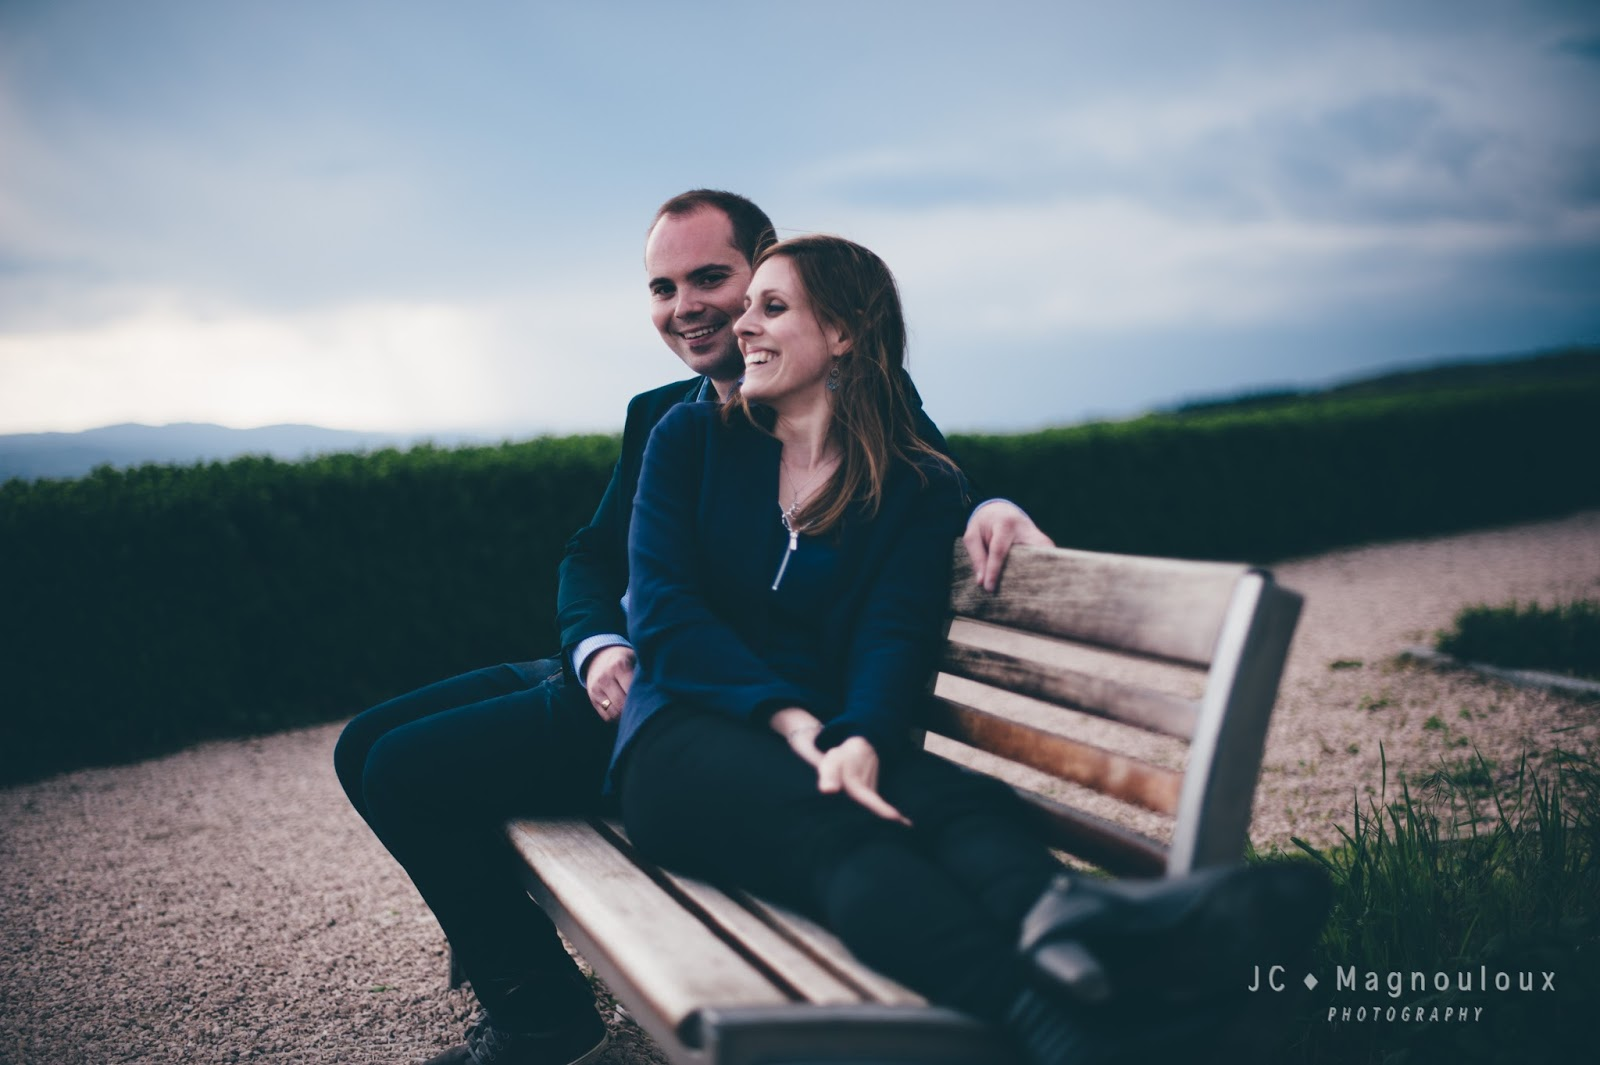 photographe mariage lyon roanne mont cindre saint cyr mont or lyon X-PRO2